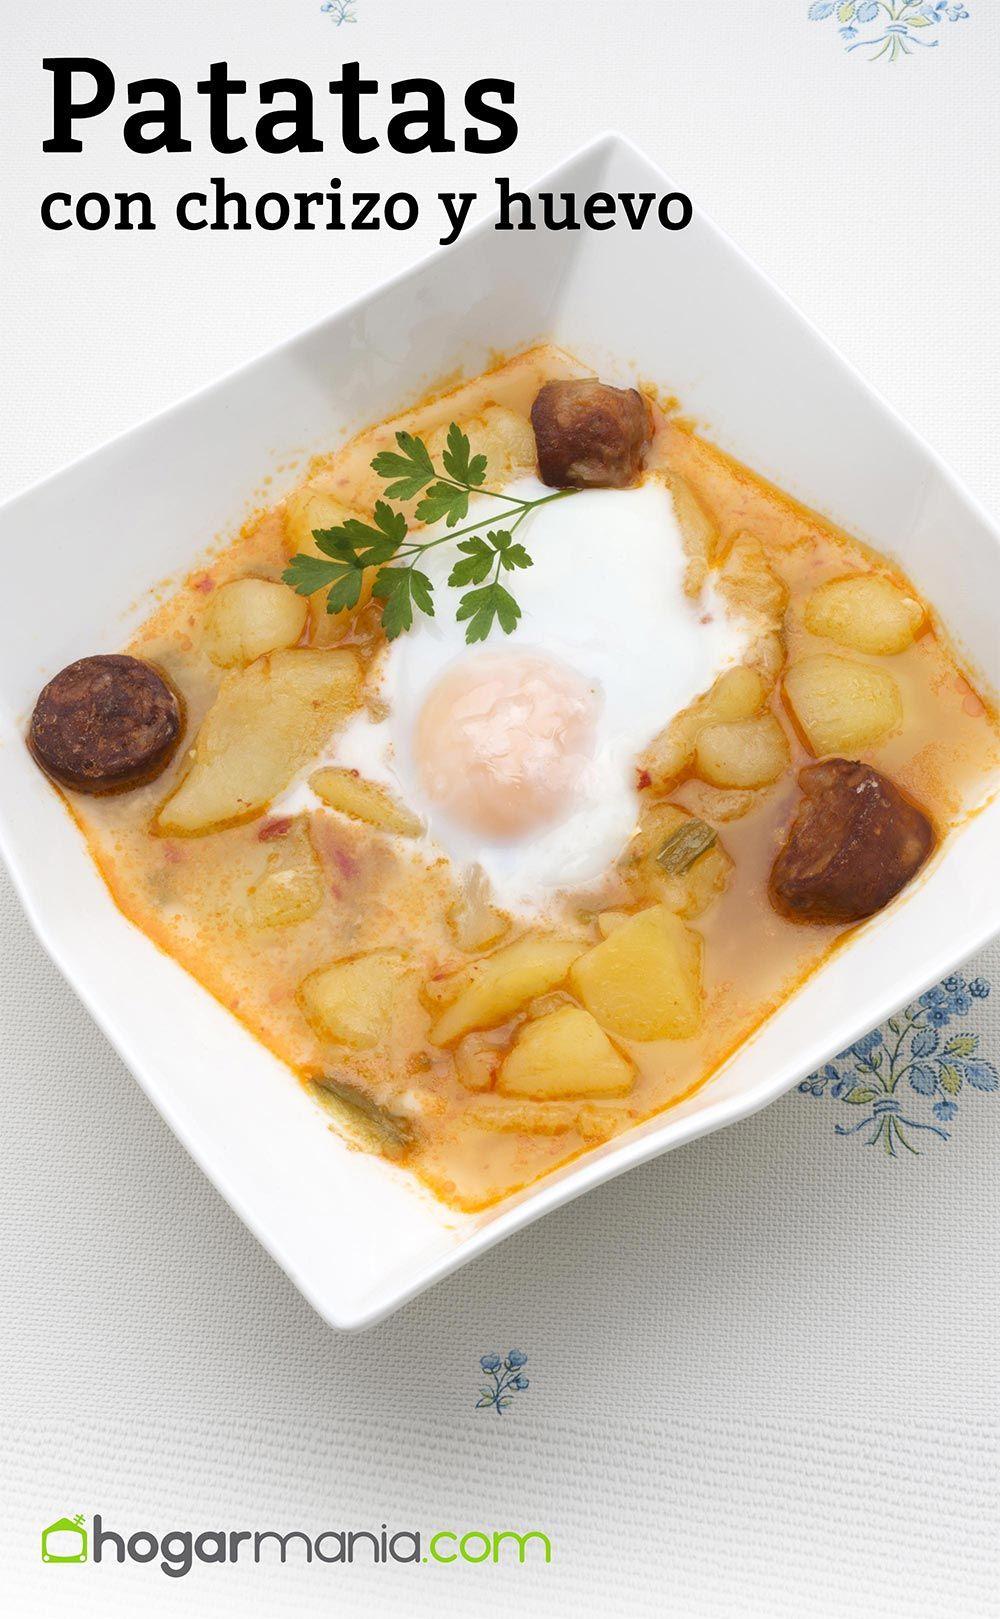 Patatas con chorizo y huevo